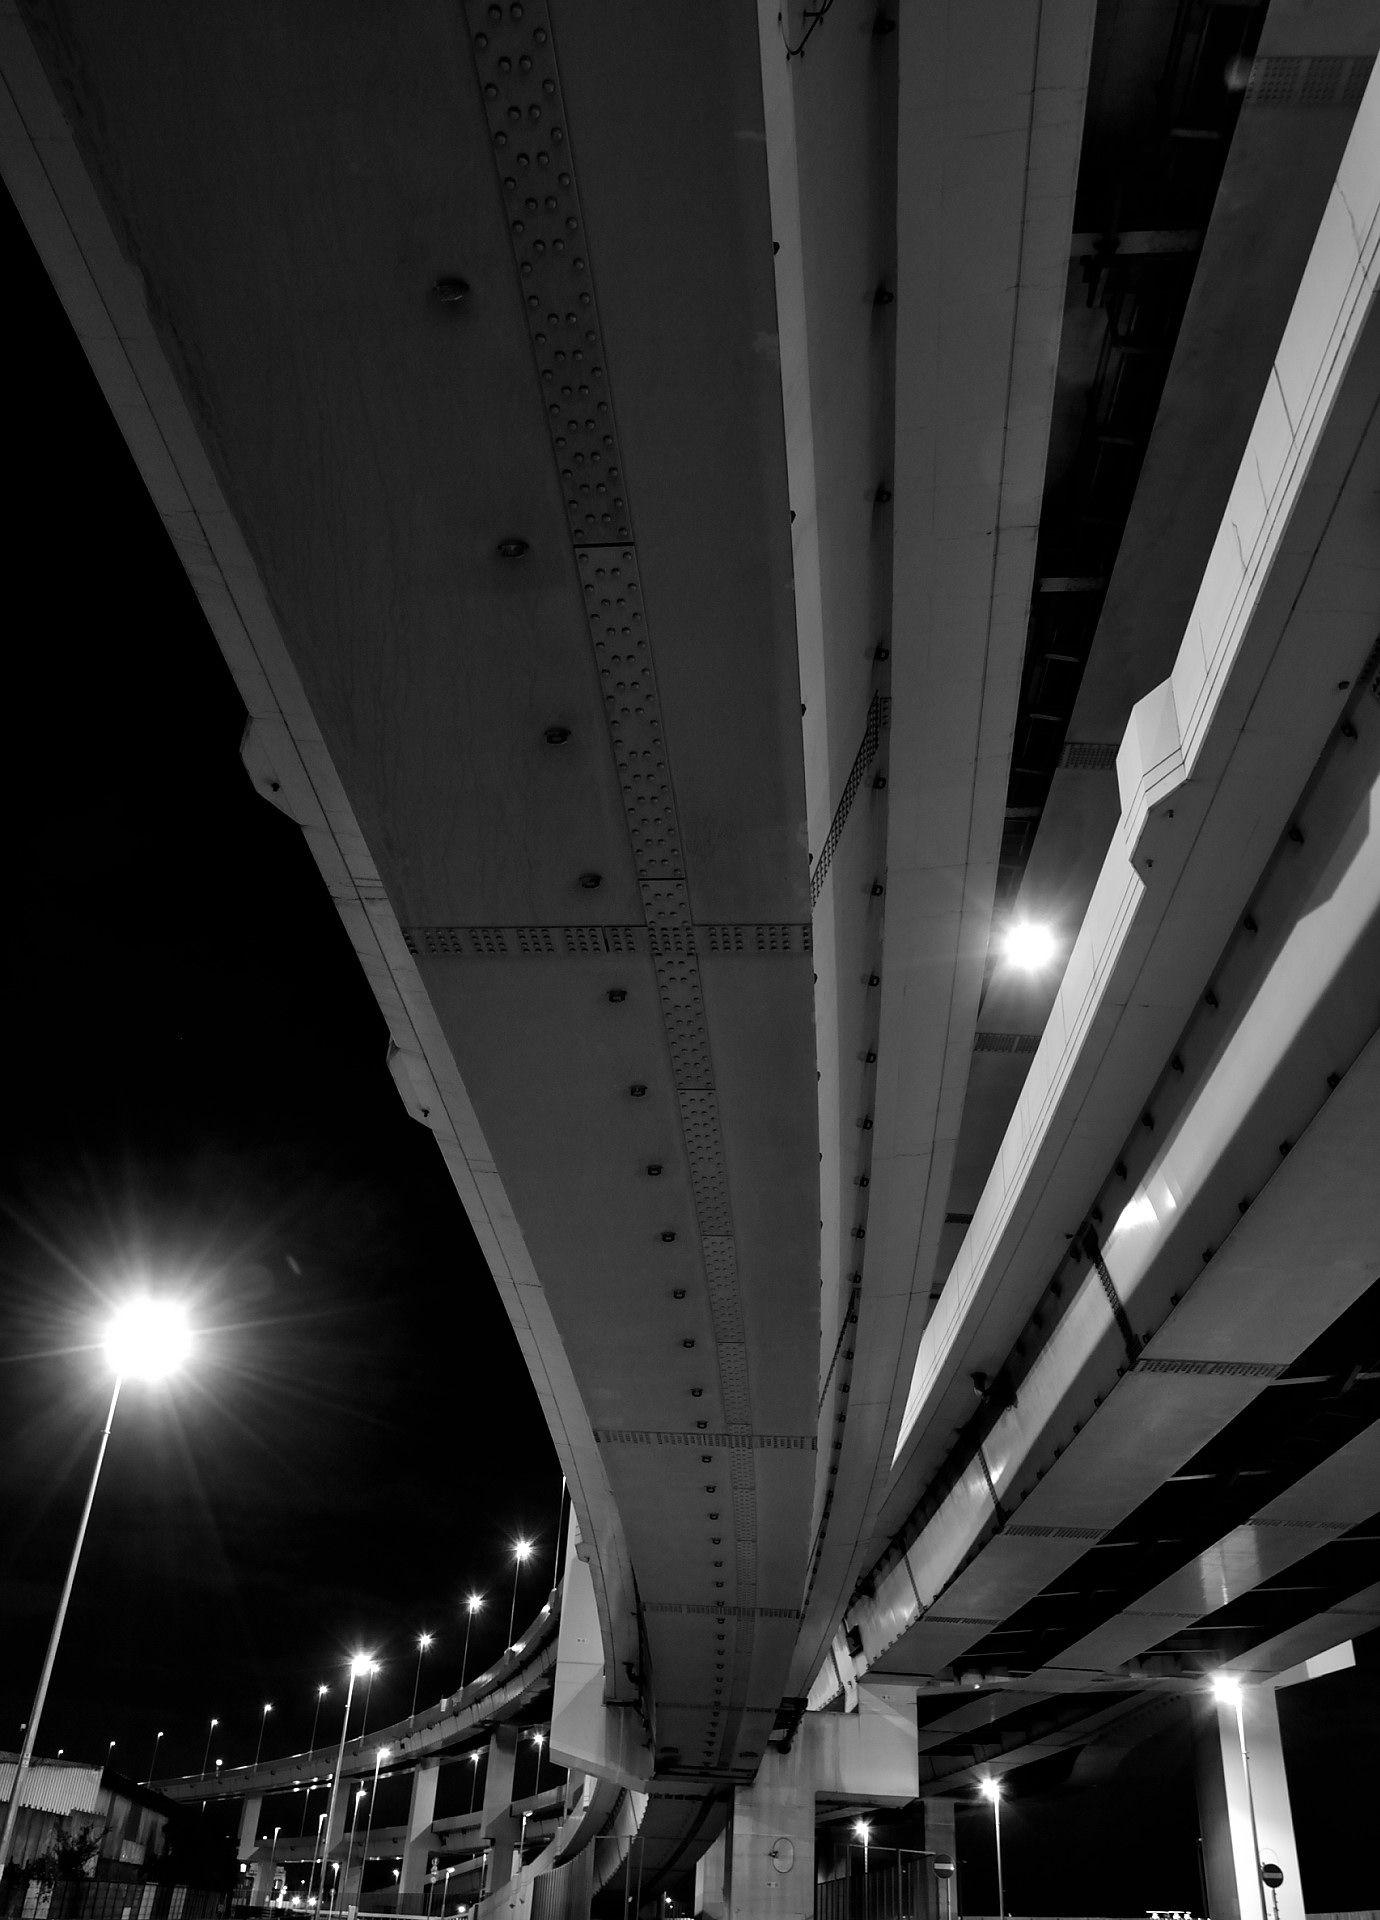 Template:首都高速神奈川6号川崎線